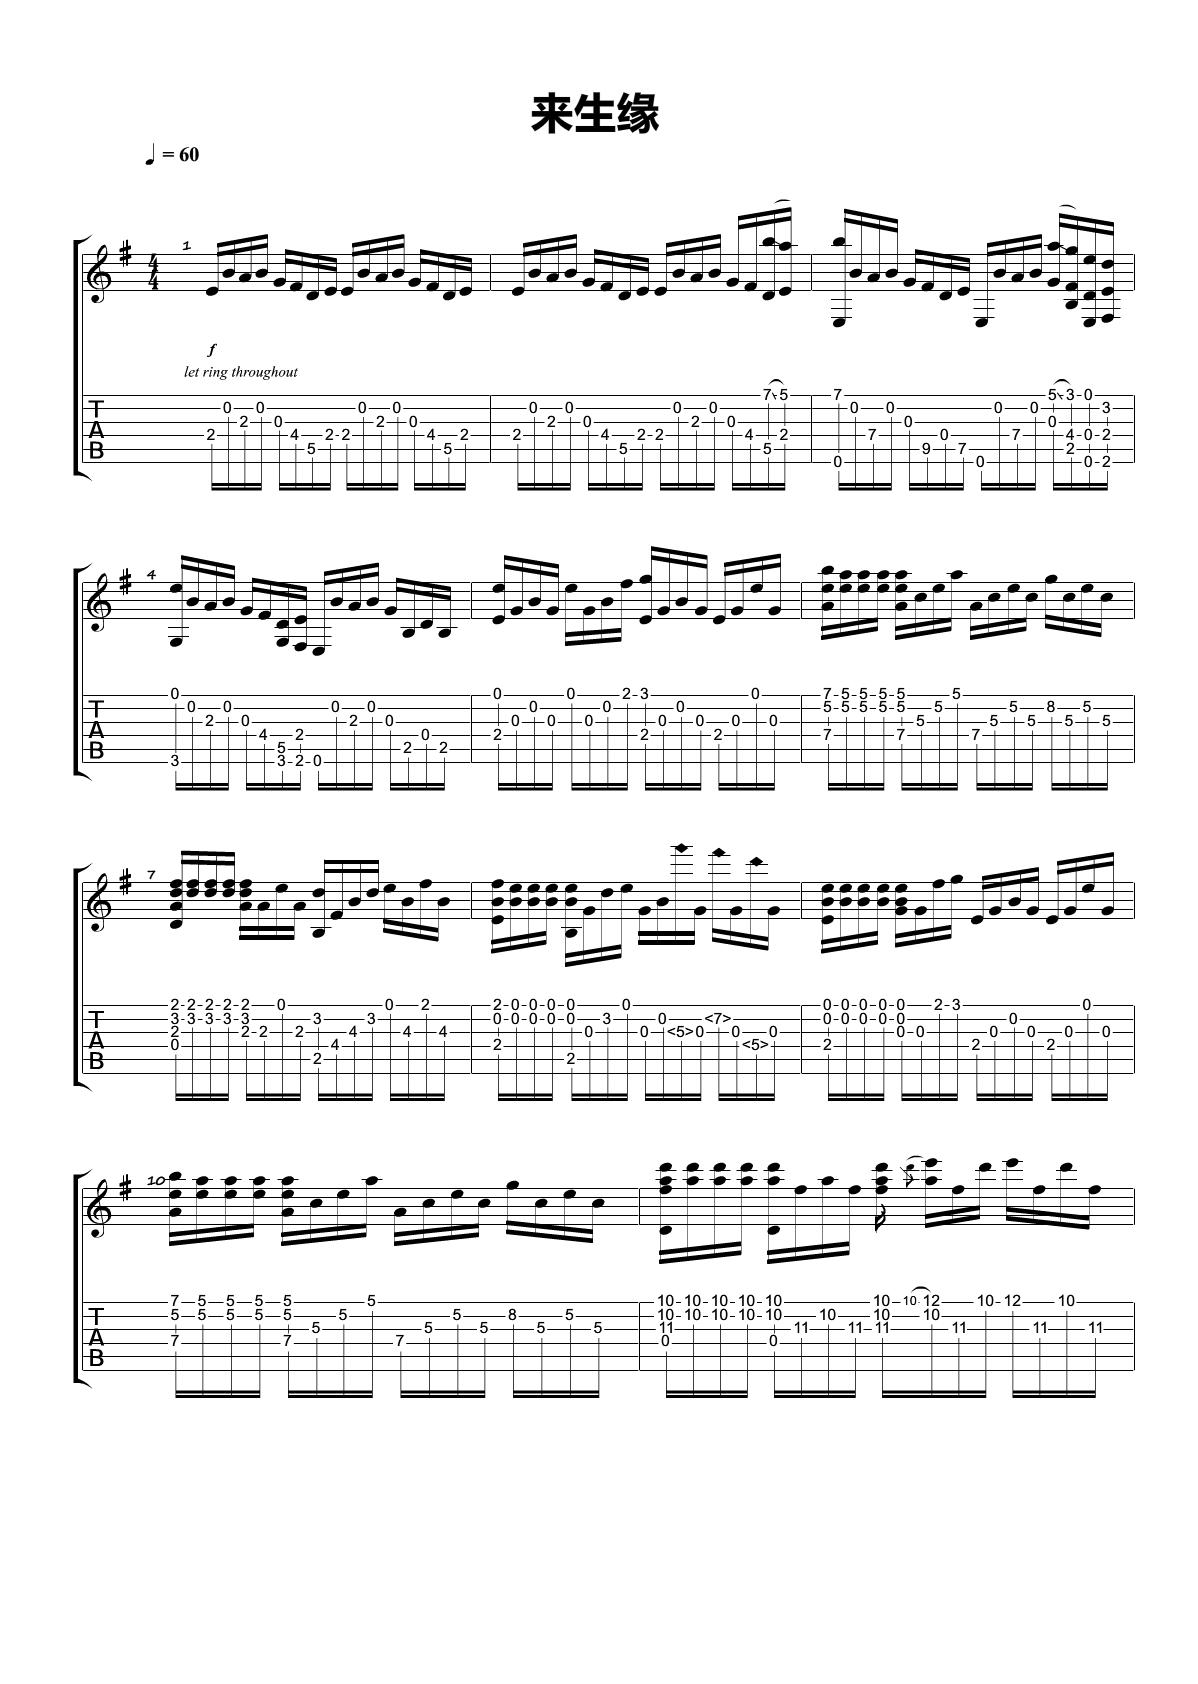 琴歌版《来生缘》指弹吉他谱